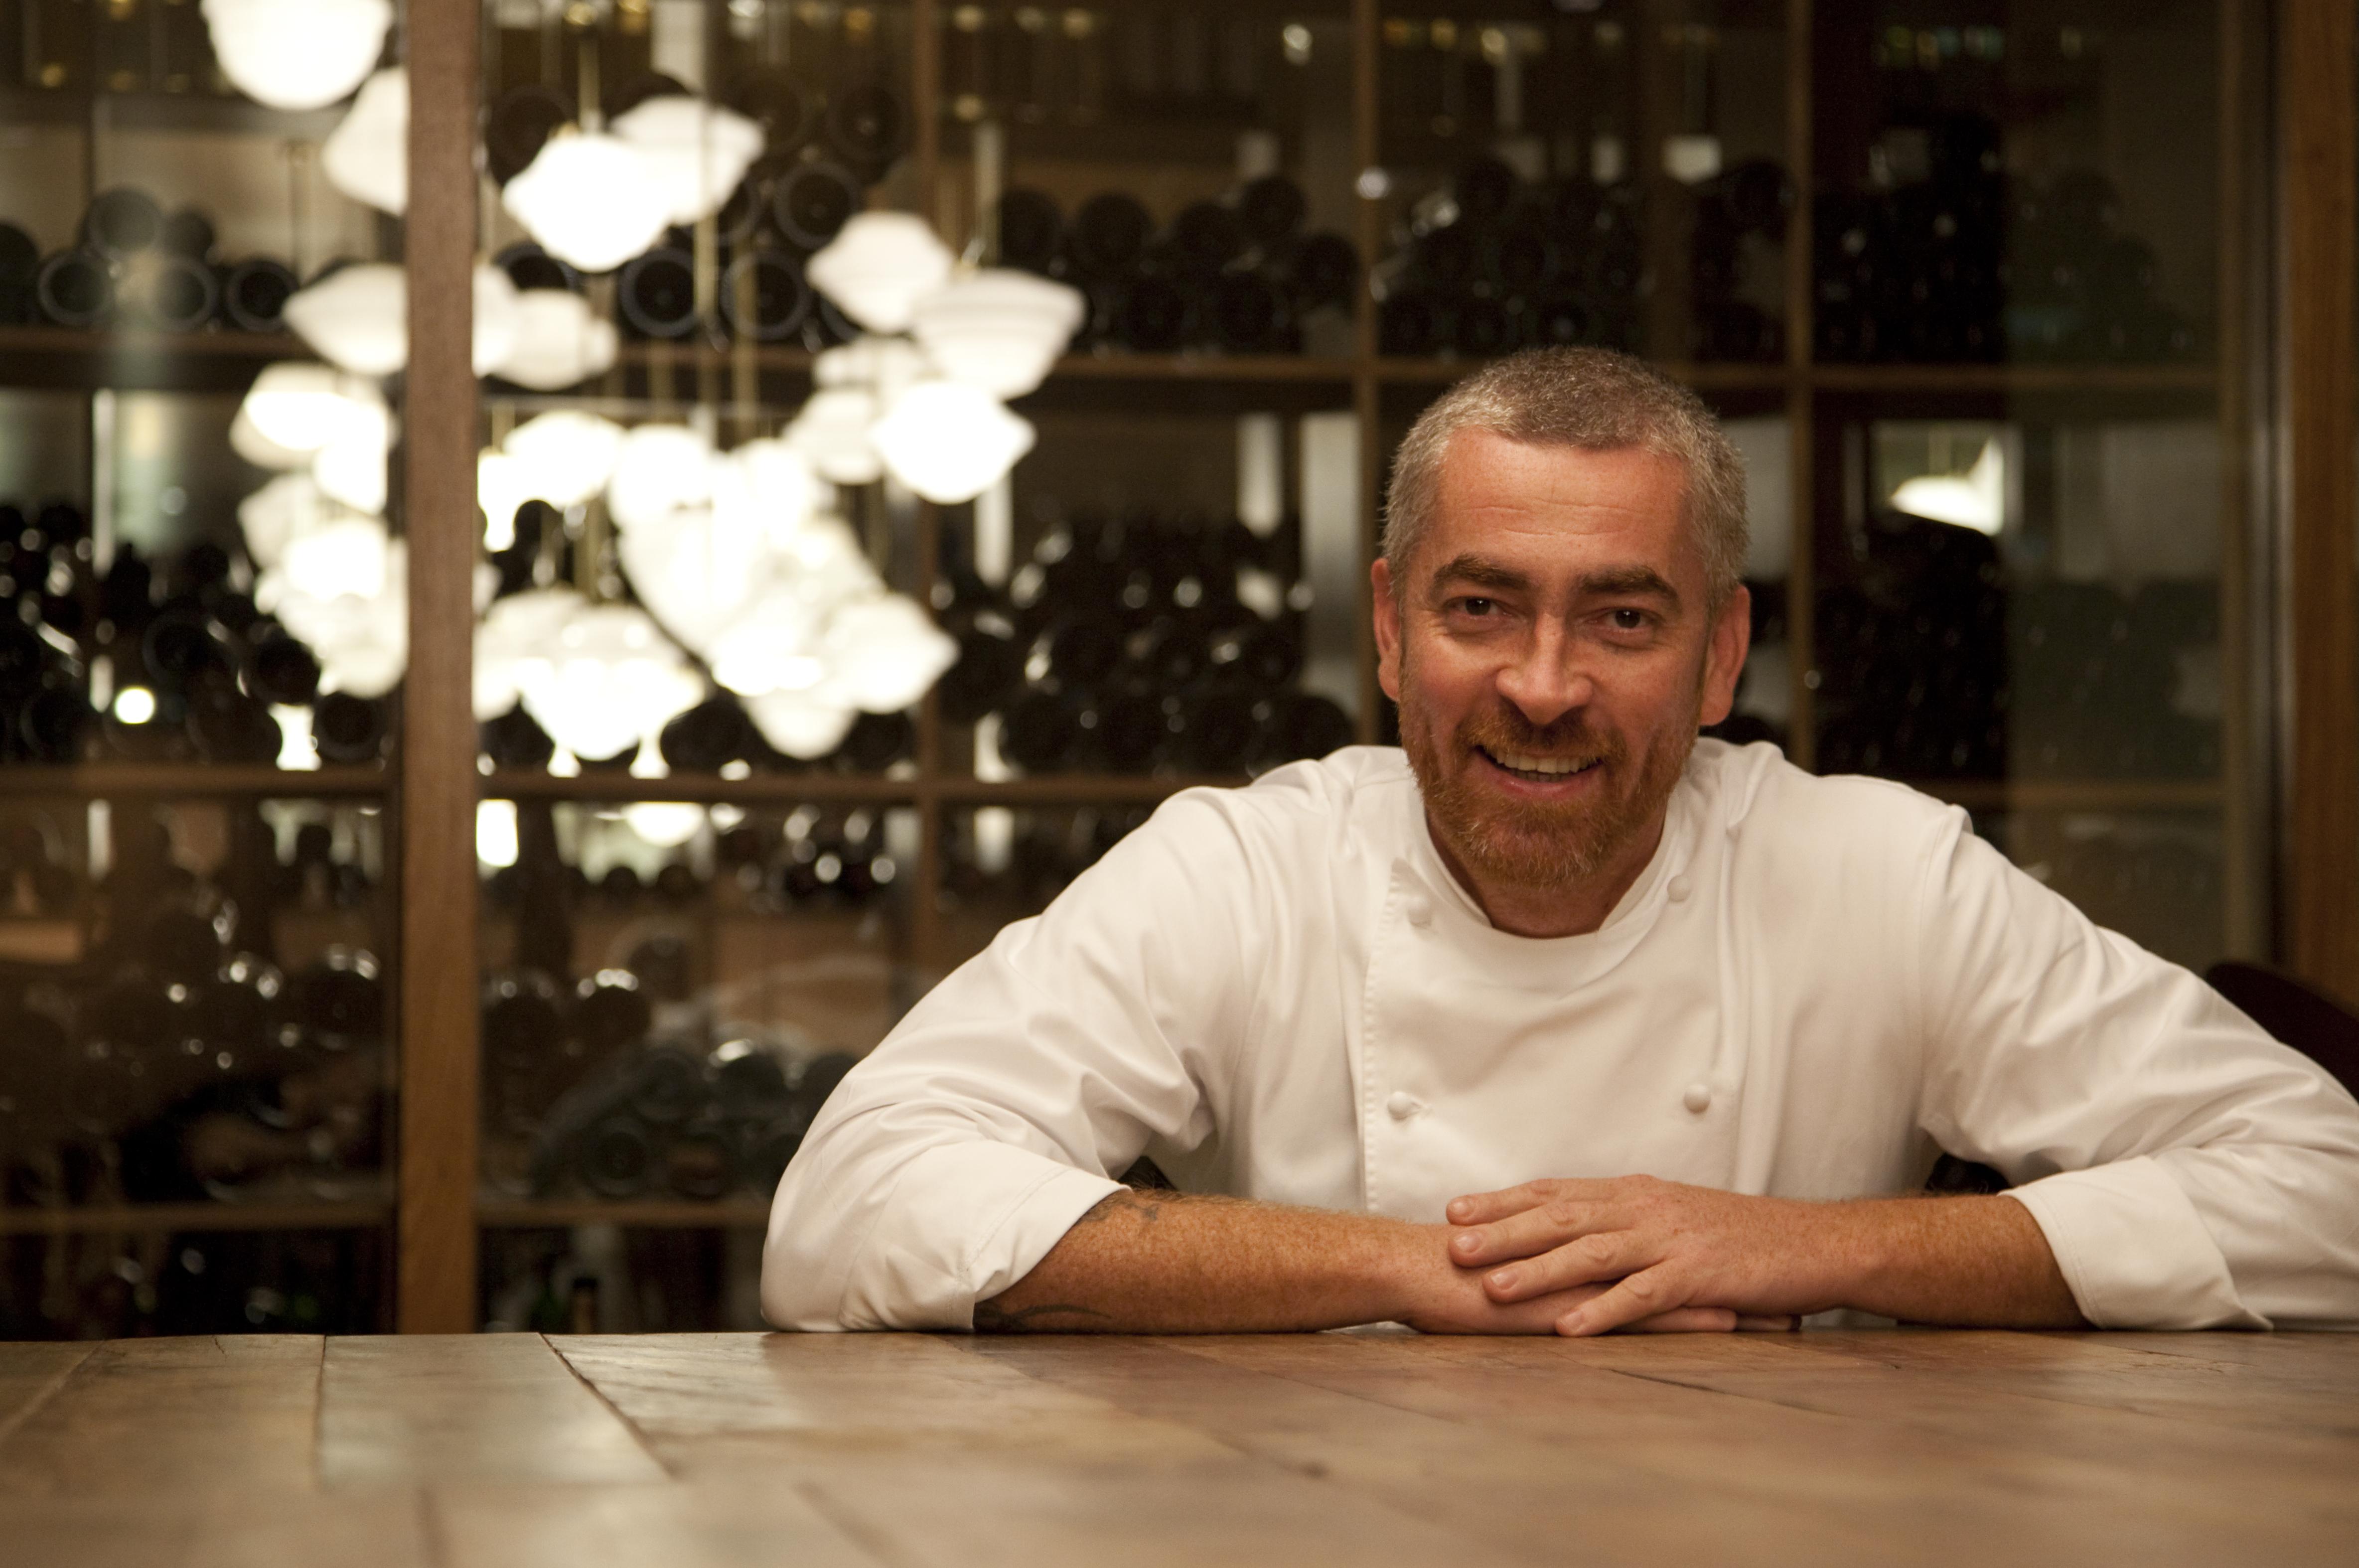 Restaurante do chef Alex Atala é excelente segundo Guia (Foto: Divulgação)